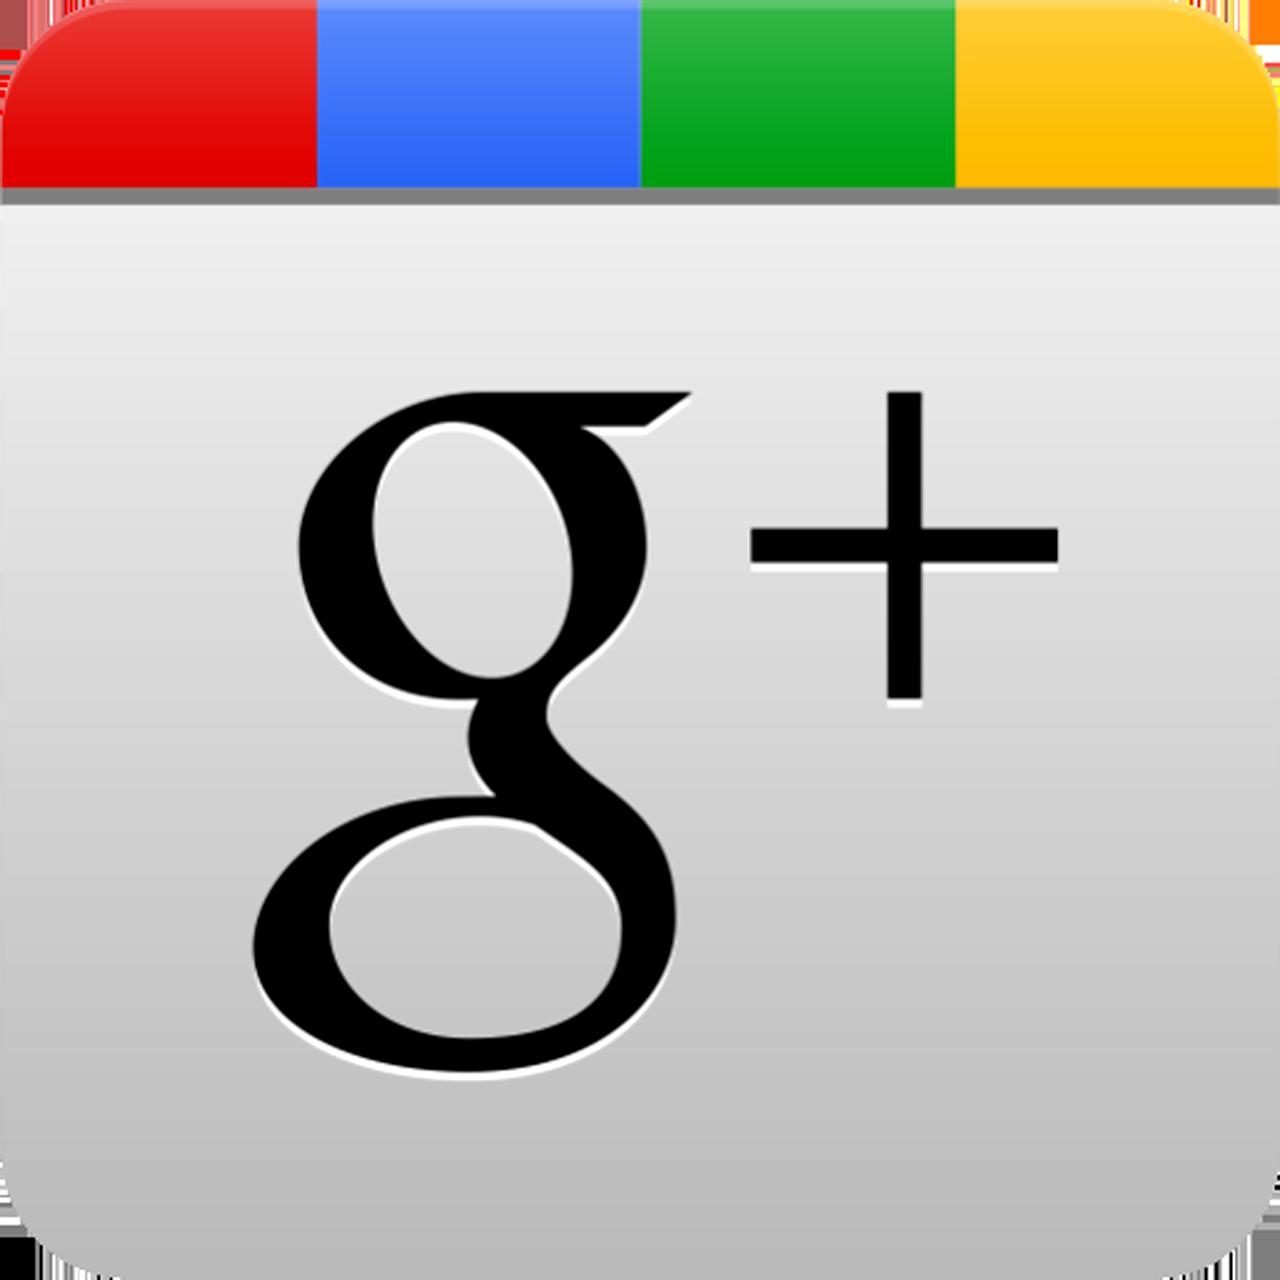 Aumenta el tiempo que los usuarios pasan en Google +